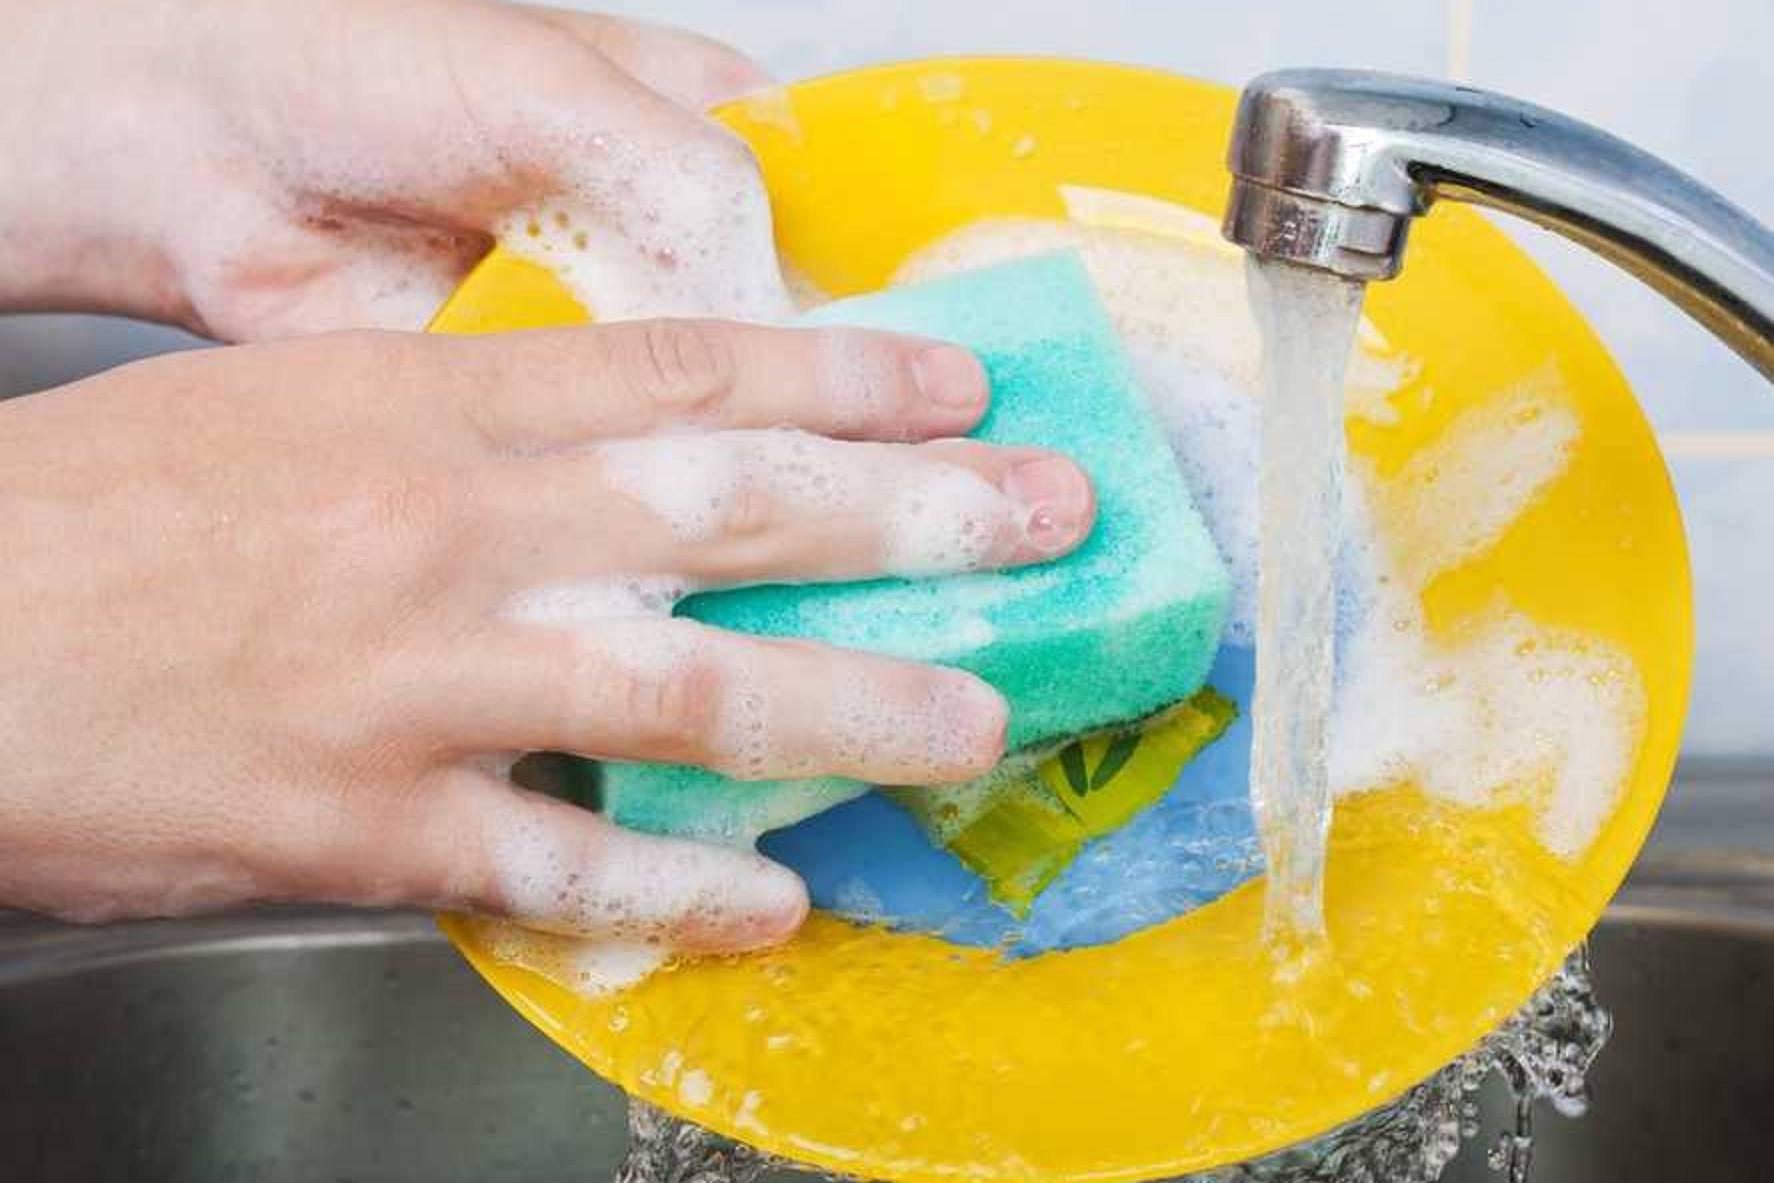 Почему мытье посуды успокаивает нервы?  - здоровье и медицина - вопросы и ответы